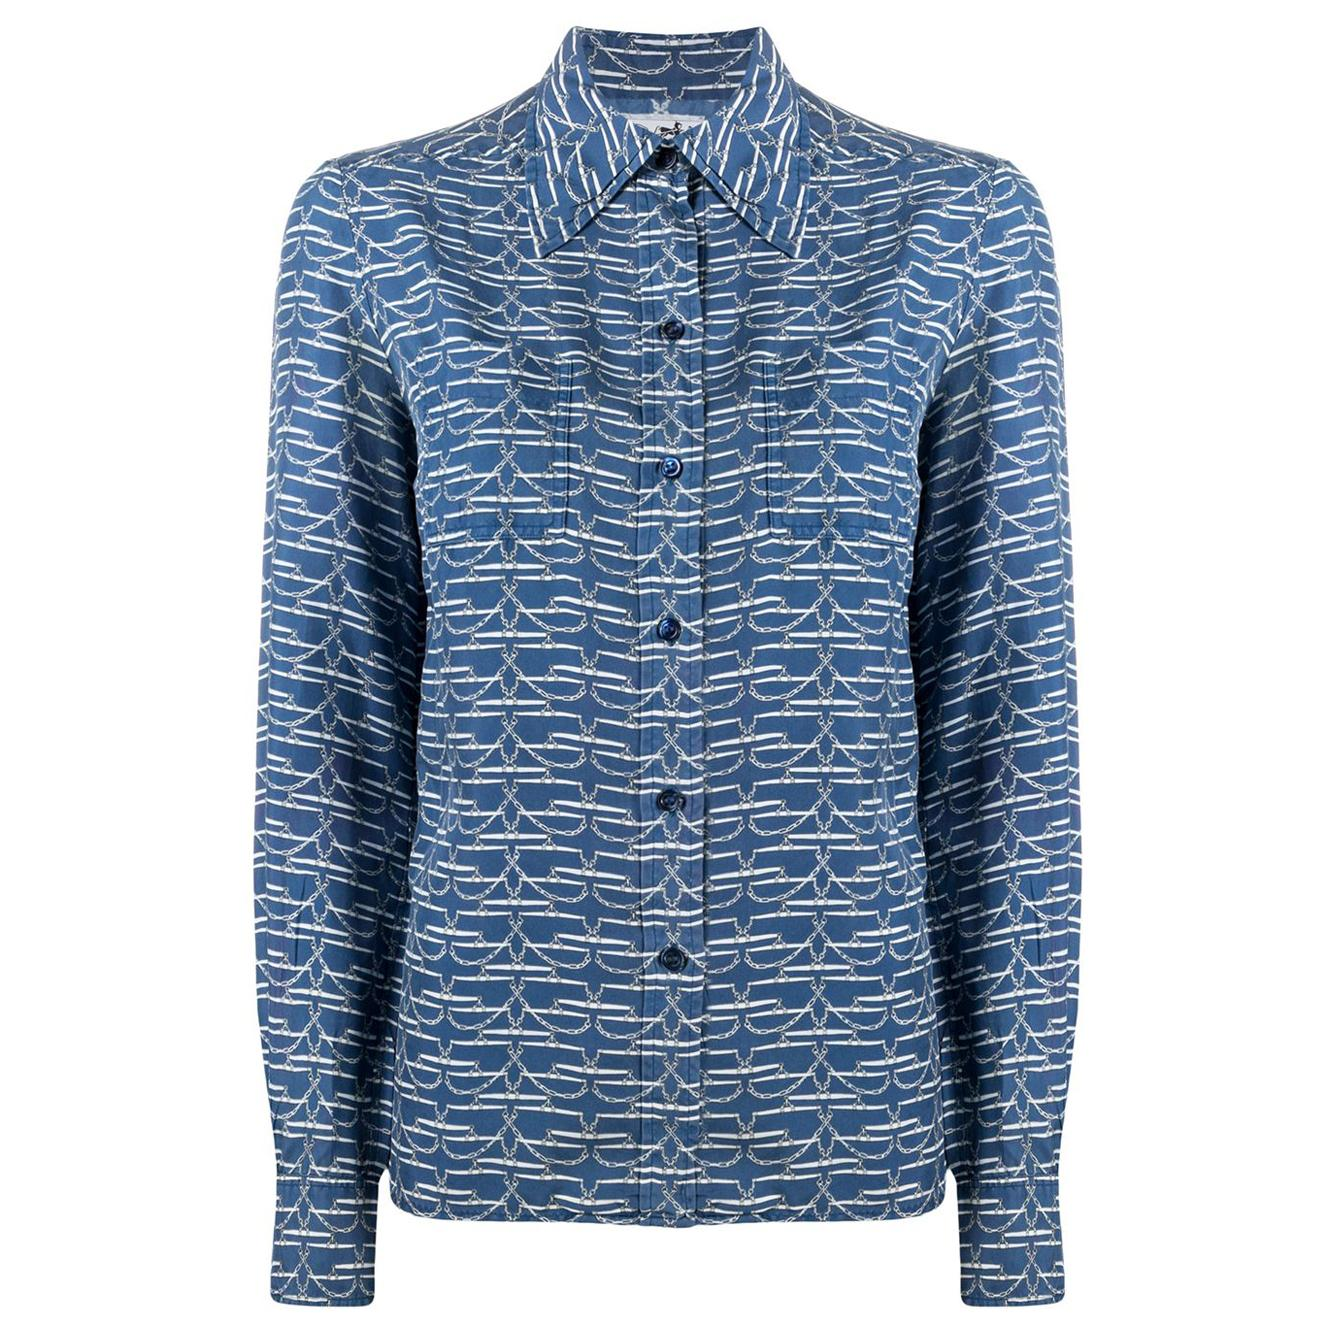 Hermes Blue Chain Print Silk Shirt